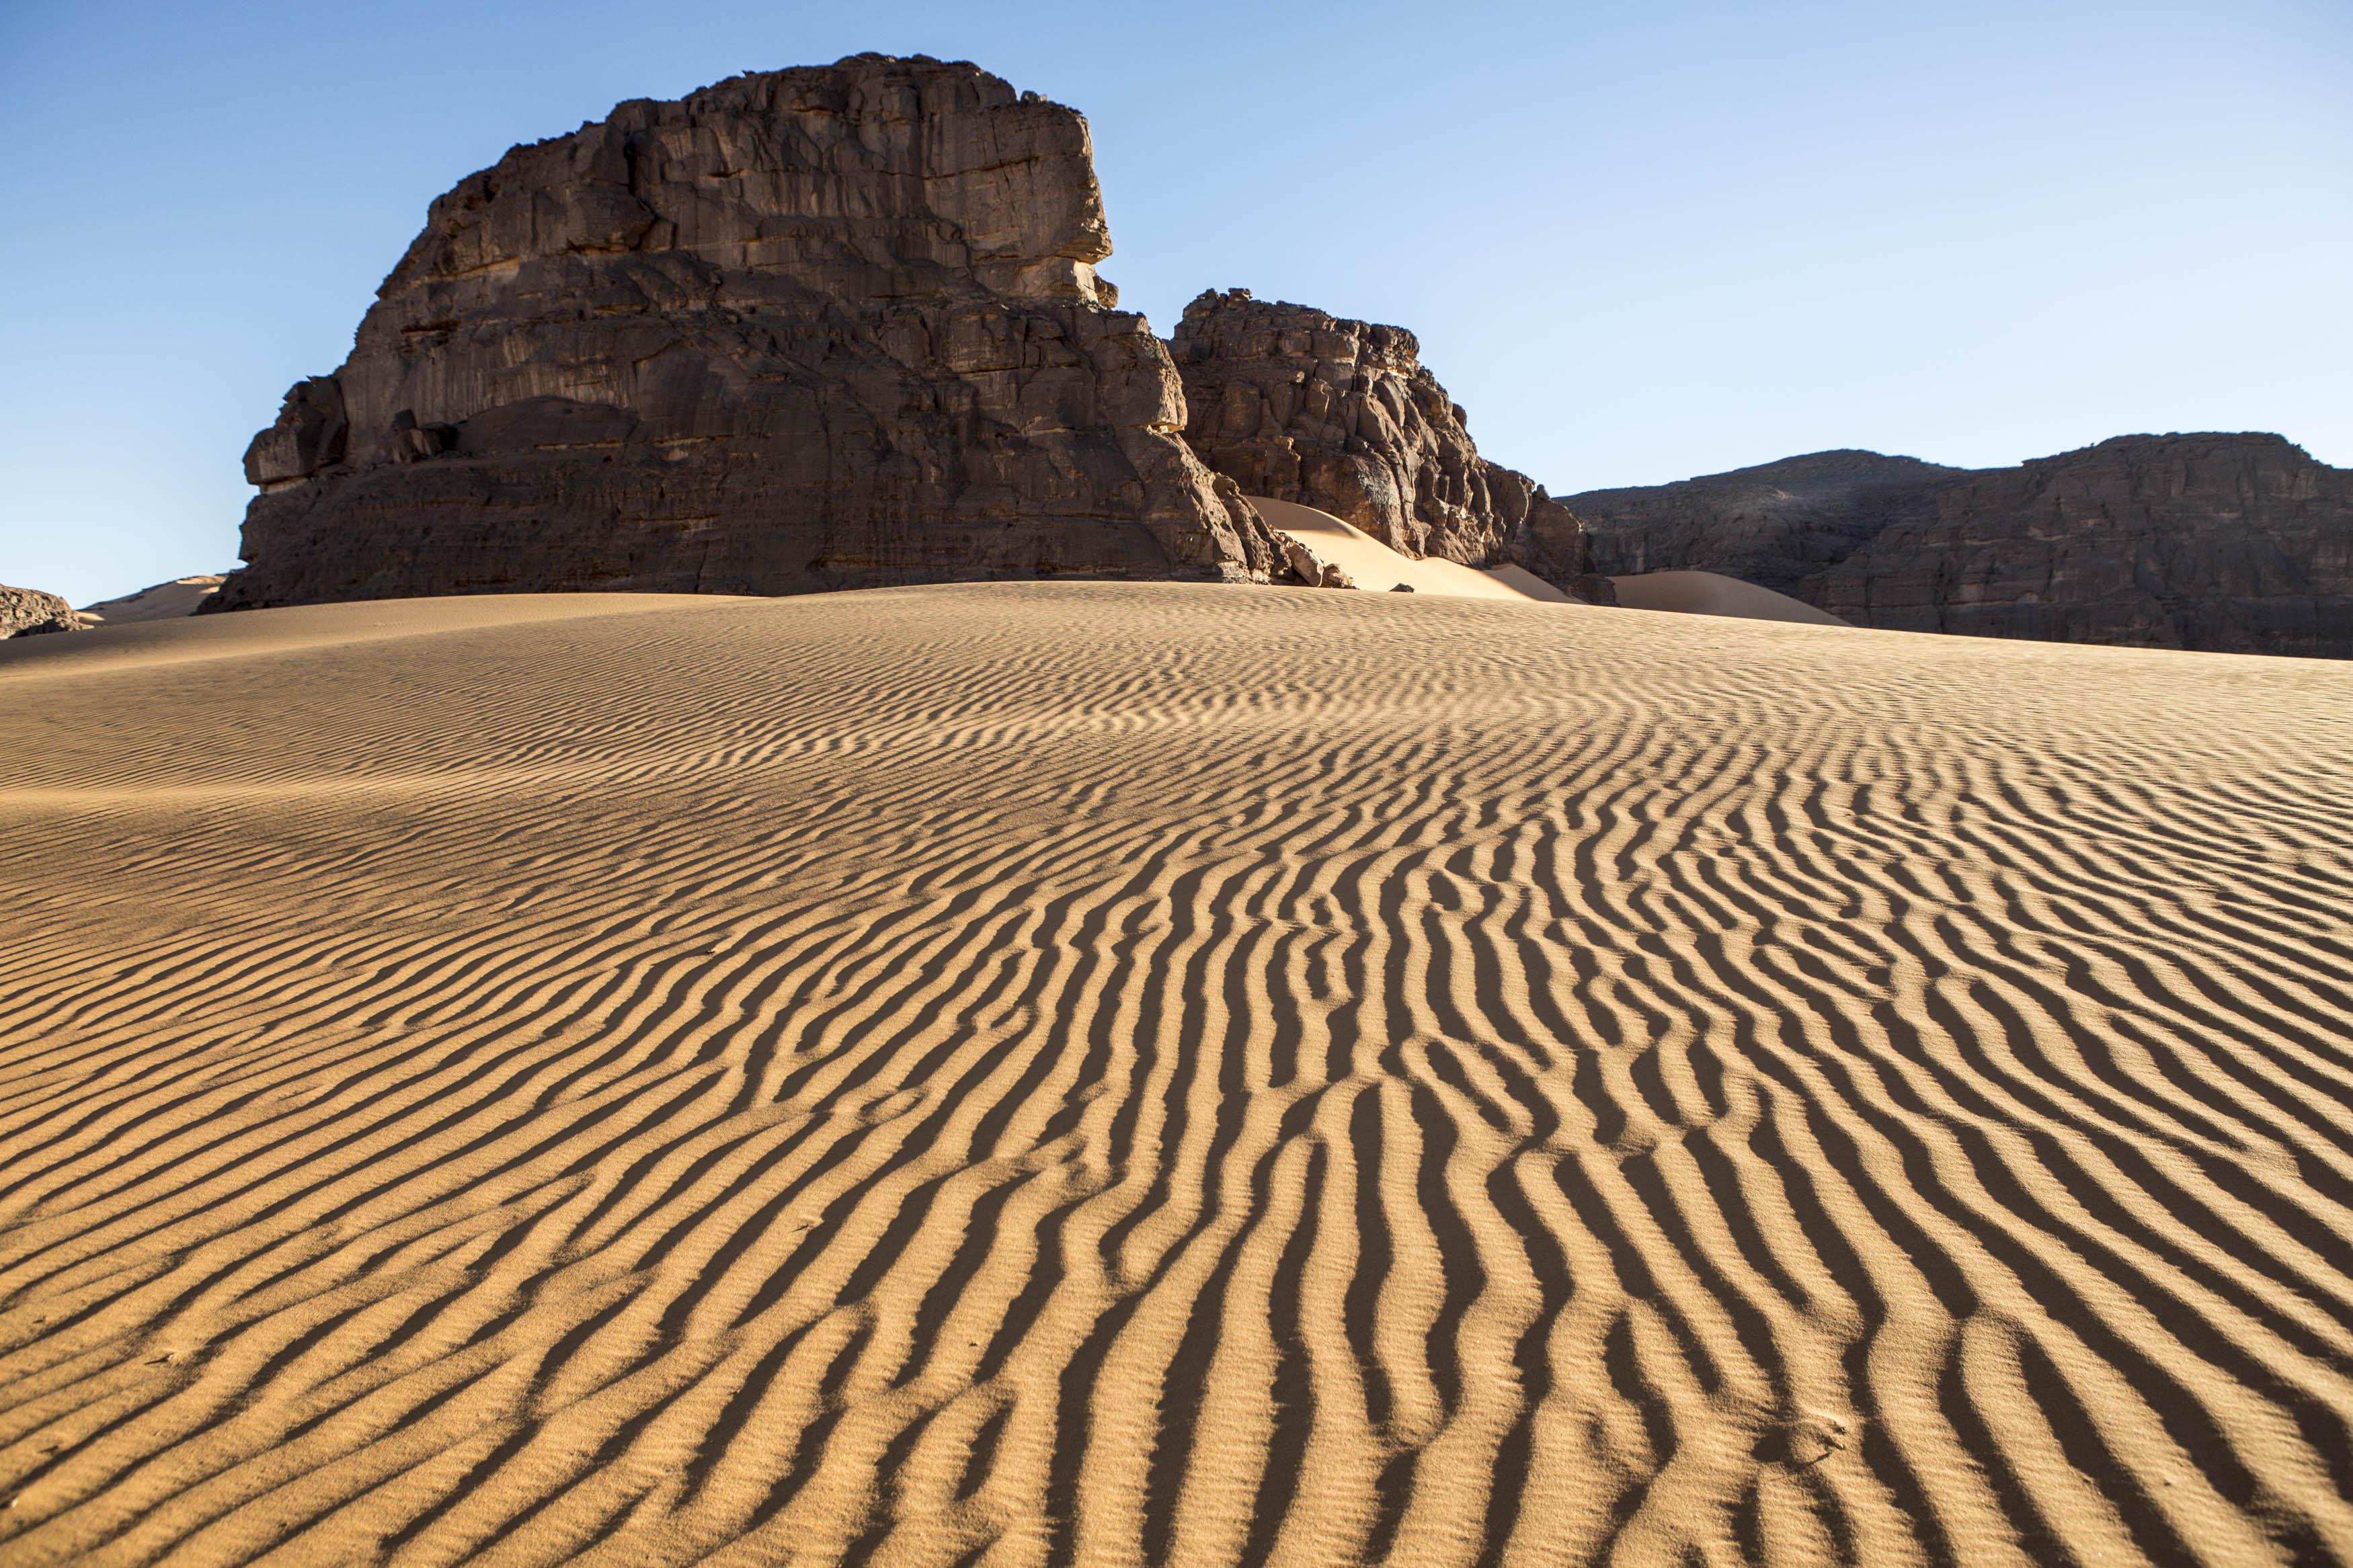 Landscape of the Tadrart.The Tadrart (200 km southeast of Djanet) is located in the south of the Tassili N'Ajjer National Park and is part of one of the most beautiful desert in the world but above all the central Sahara.From huge canyons to cliffs carved with rocky peaks of various shapes mix with dunes of colored sand with yellow and red reflections. The Tadrart, Algeria-February 6, 2017. Paysage de la Tadrart. La Tadrart (200 km au sud-est de Djanet) se situe dans le sud du Parc National du Tassili N'Ajjer et il fait partie d'un des plus beau désert au monde mais avant tout du Sahara central. D'immenses canyons aux falaises sculptées avec de pitons rocheux aux formes les plus diverses  se mélangent avec des dunes de sable coloré aux reflets jaune et rouge. La Tadrart,, Algérie-6 février 2017.